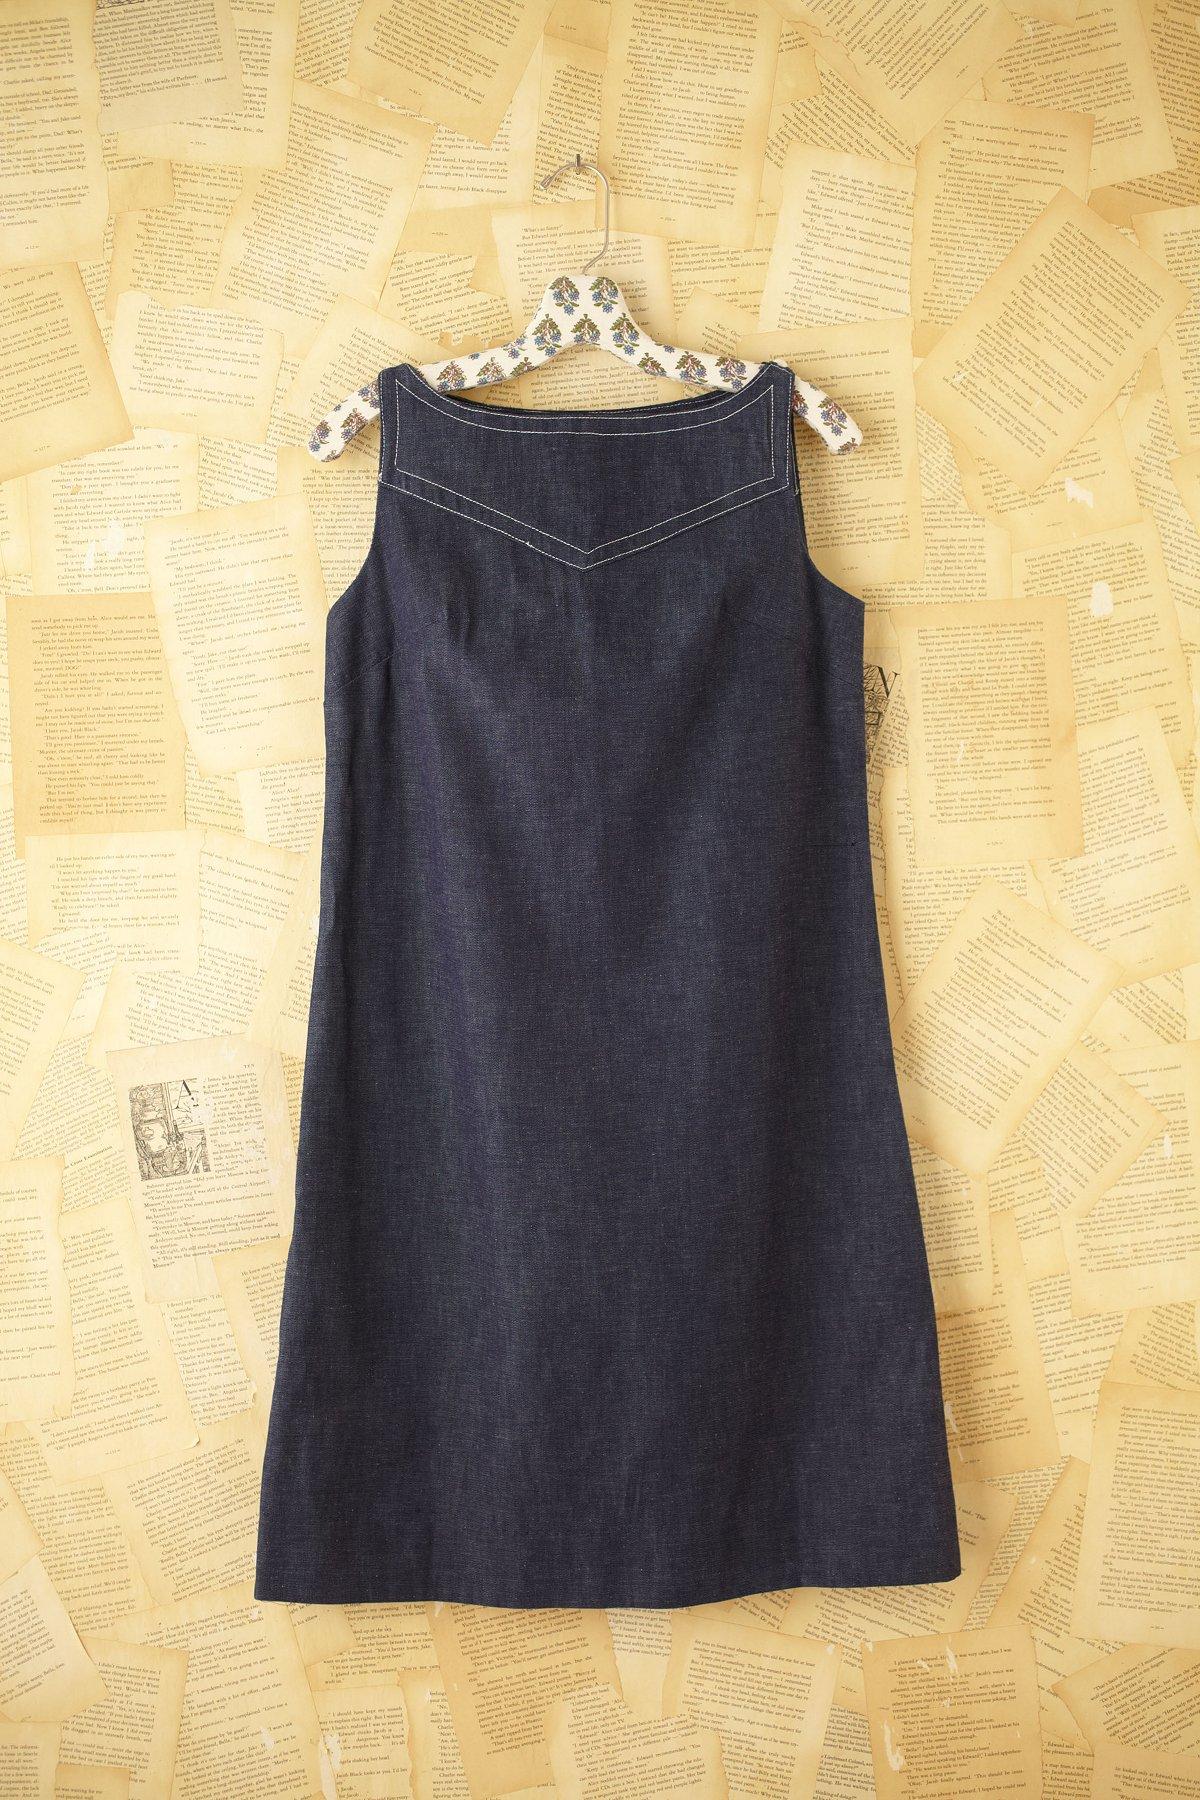 Vintage Mod Denim Dress